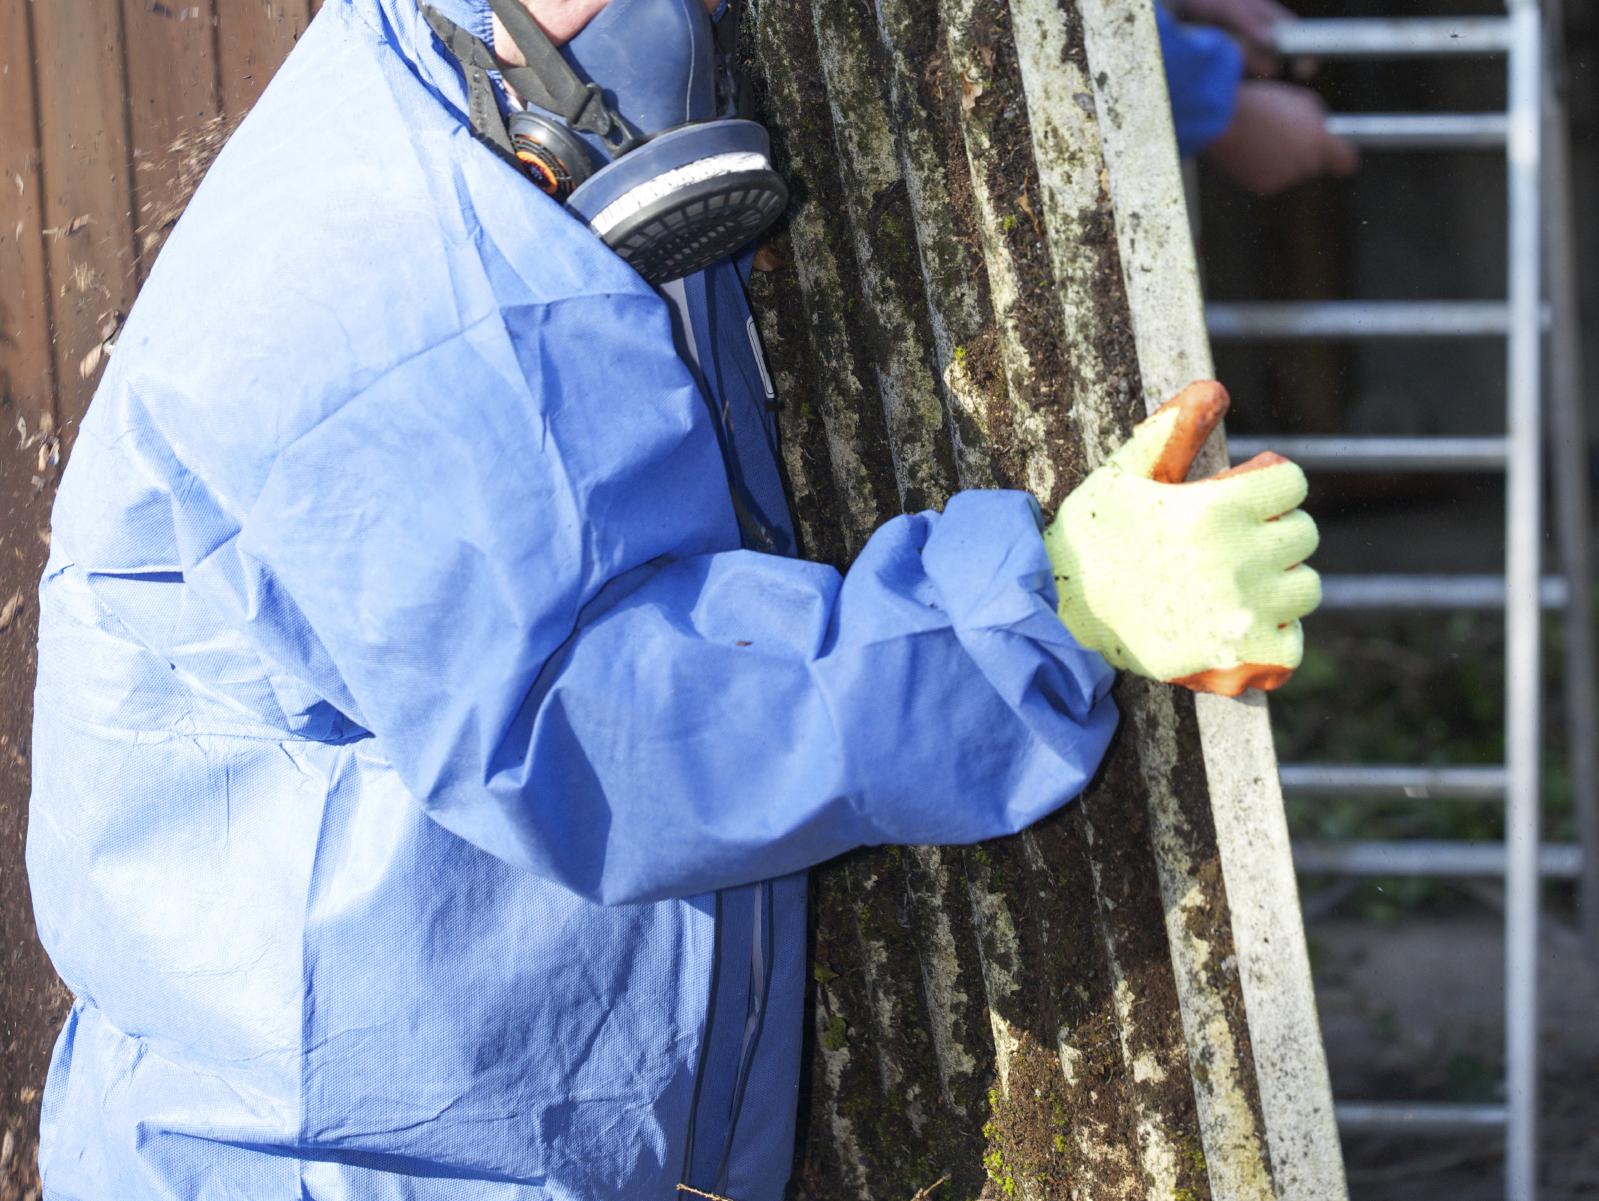 Canadian asbestos ban